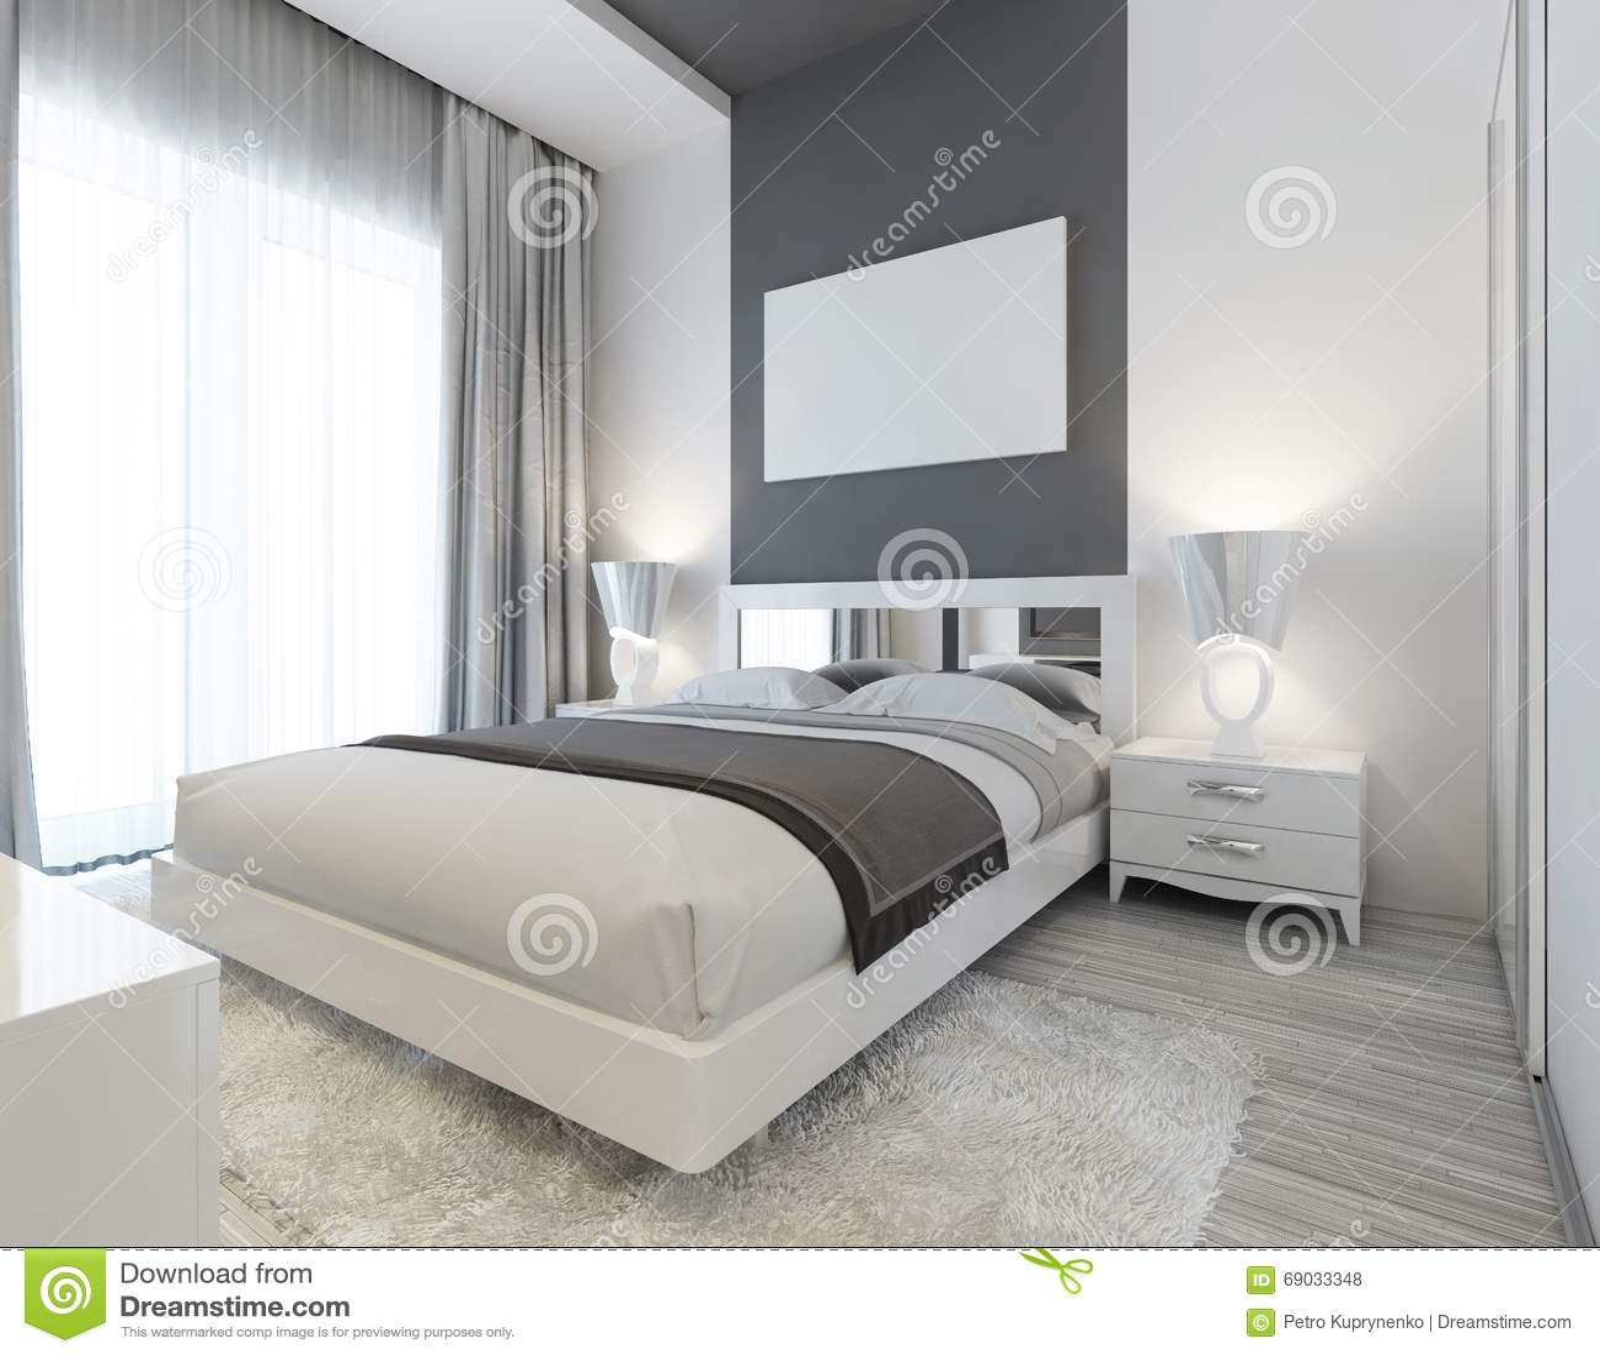 Sypialnia w art deco stylu w bielu i szaro kolorach ilustracji obraz 69033348 - Deco kamers ...